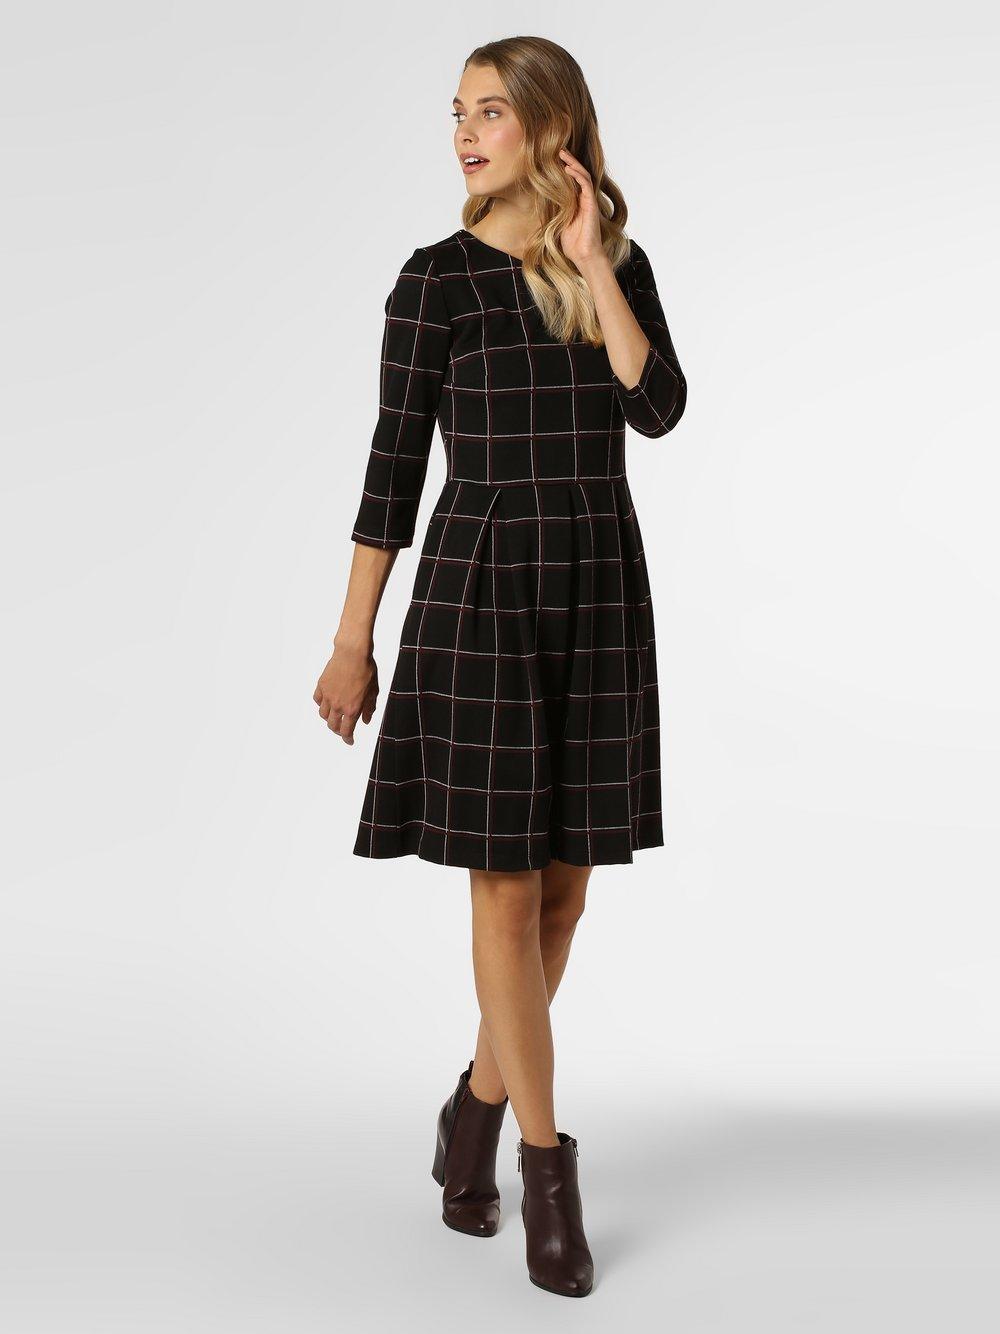 Apriori Damen Kleid online kaufen   PEEK UND CLOPPENBURG.DE